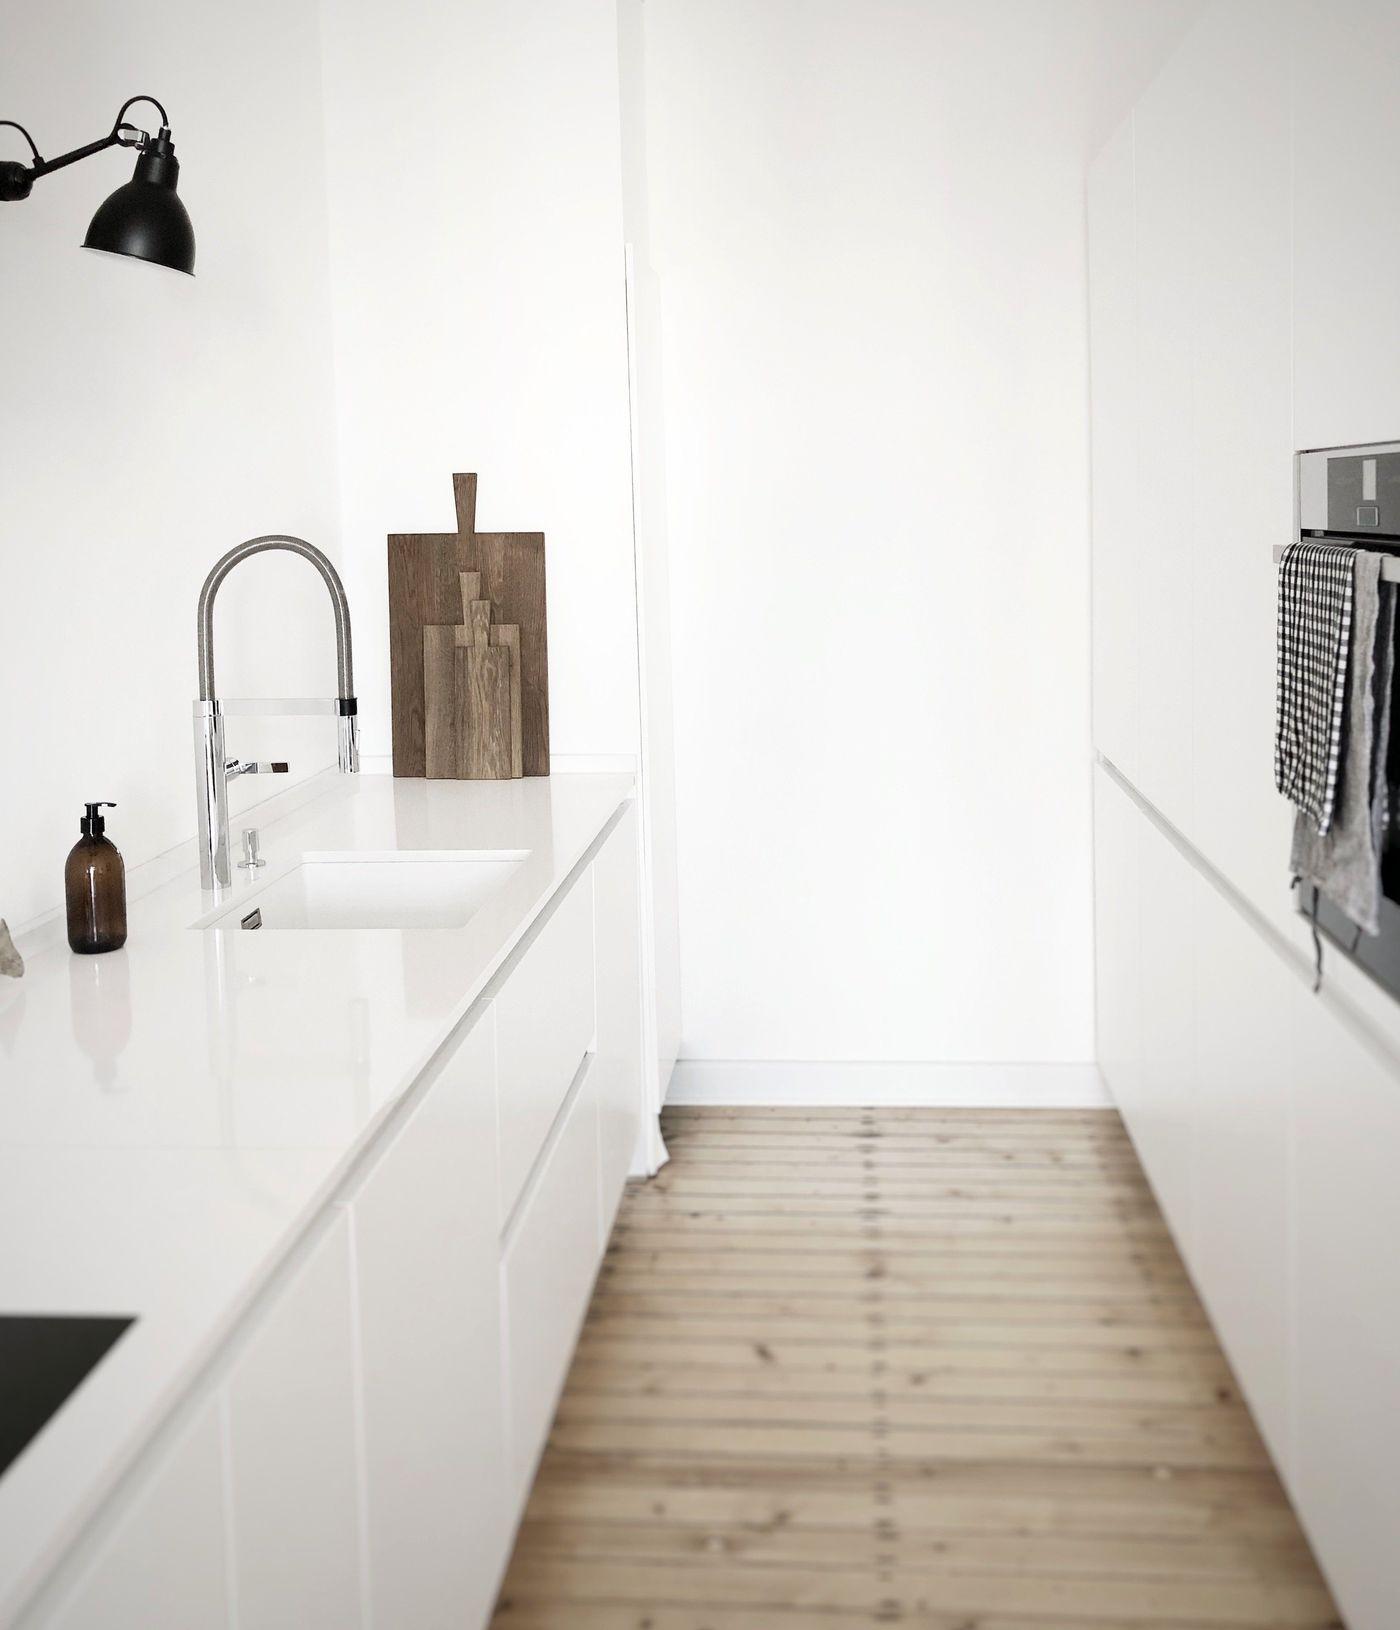 ziemlich minimalistisch einrichten galerie die besten wohnideen. Black Bedroom Furniture Sets. Home Design Ideas